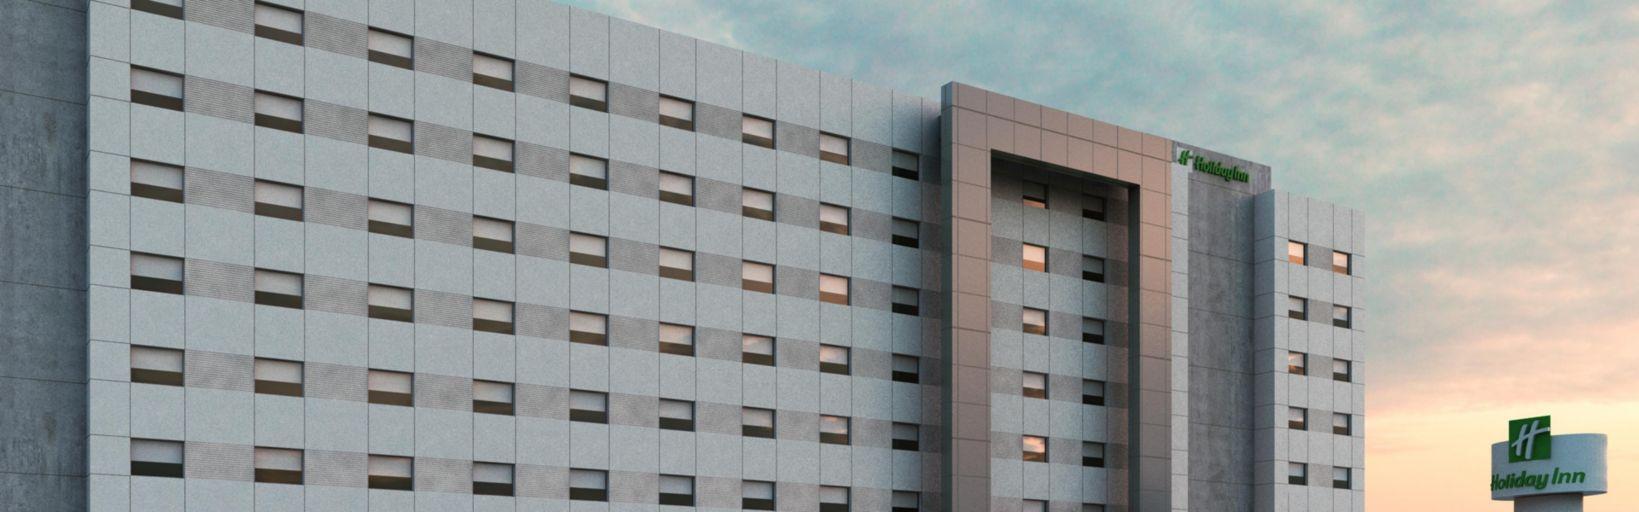 México: Con inversión de 250 millones de pesos abren primer hotel del año en Aguascalientes